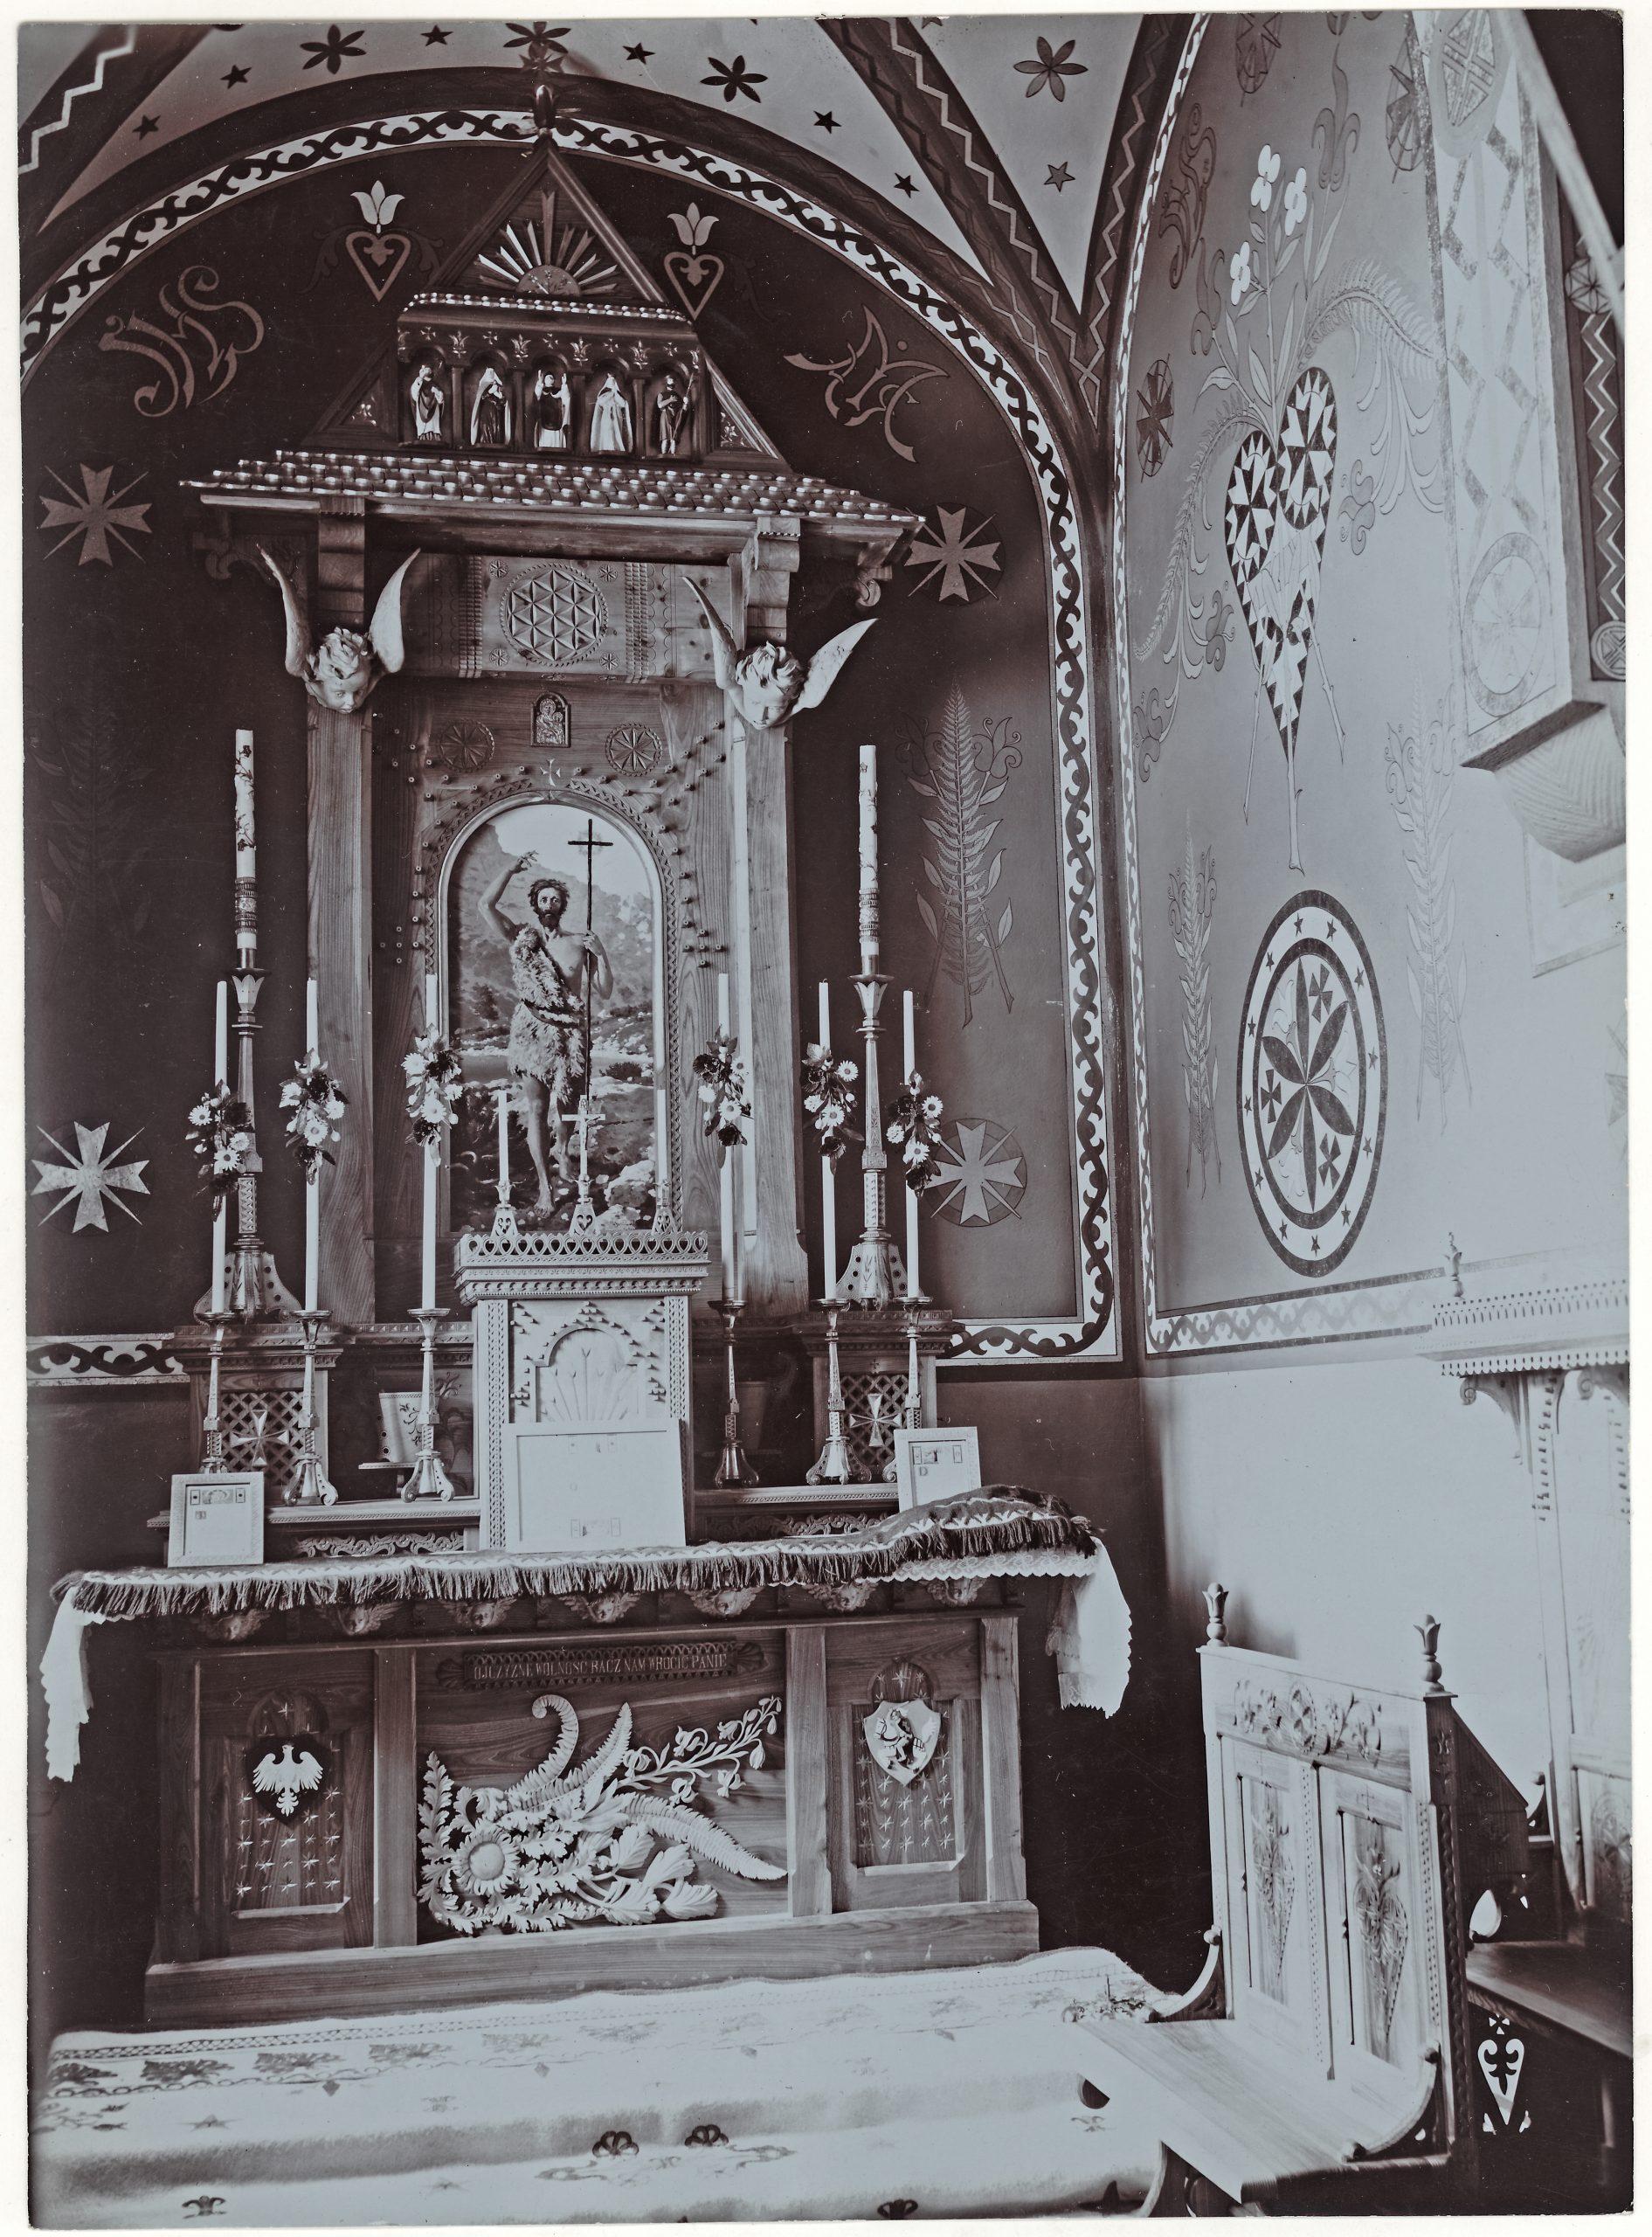 #zostańwdomu Kaplica św. Jana Chrzciciela w kościele pw. Najświętszej Rodziny w Zakopanem